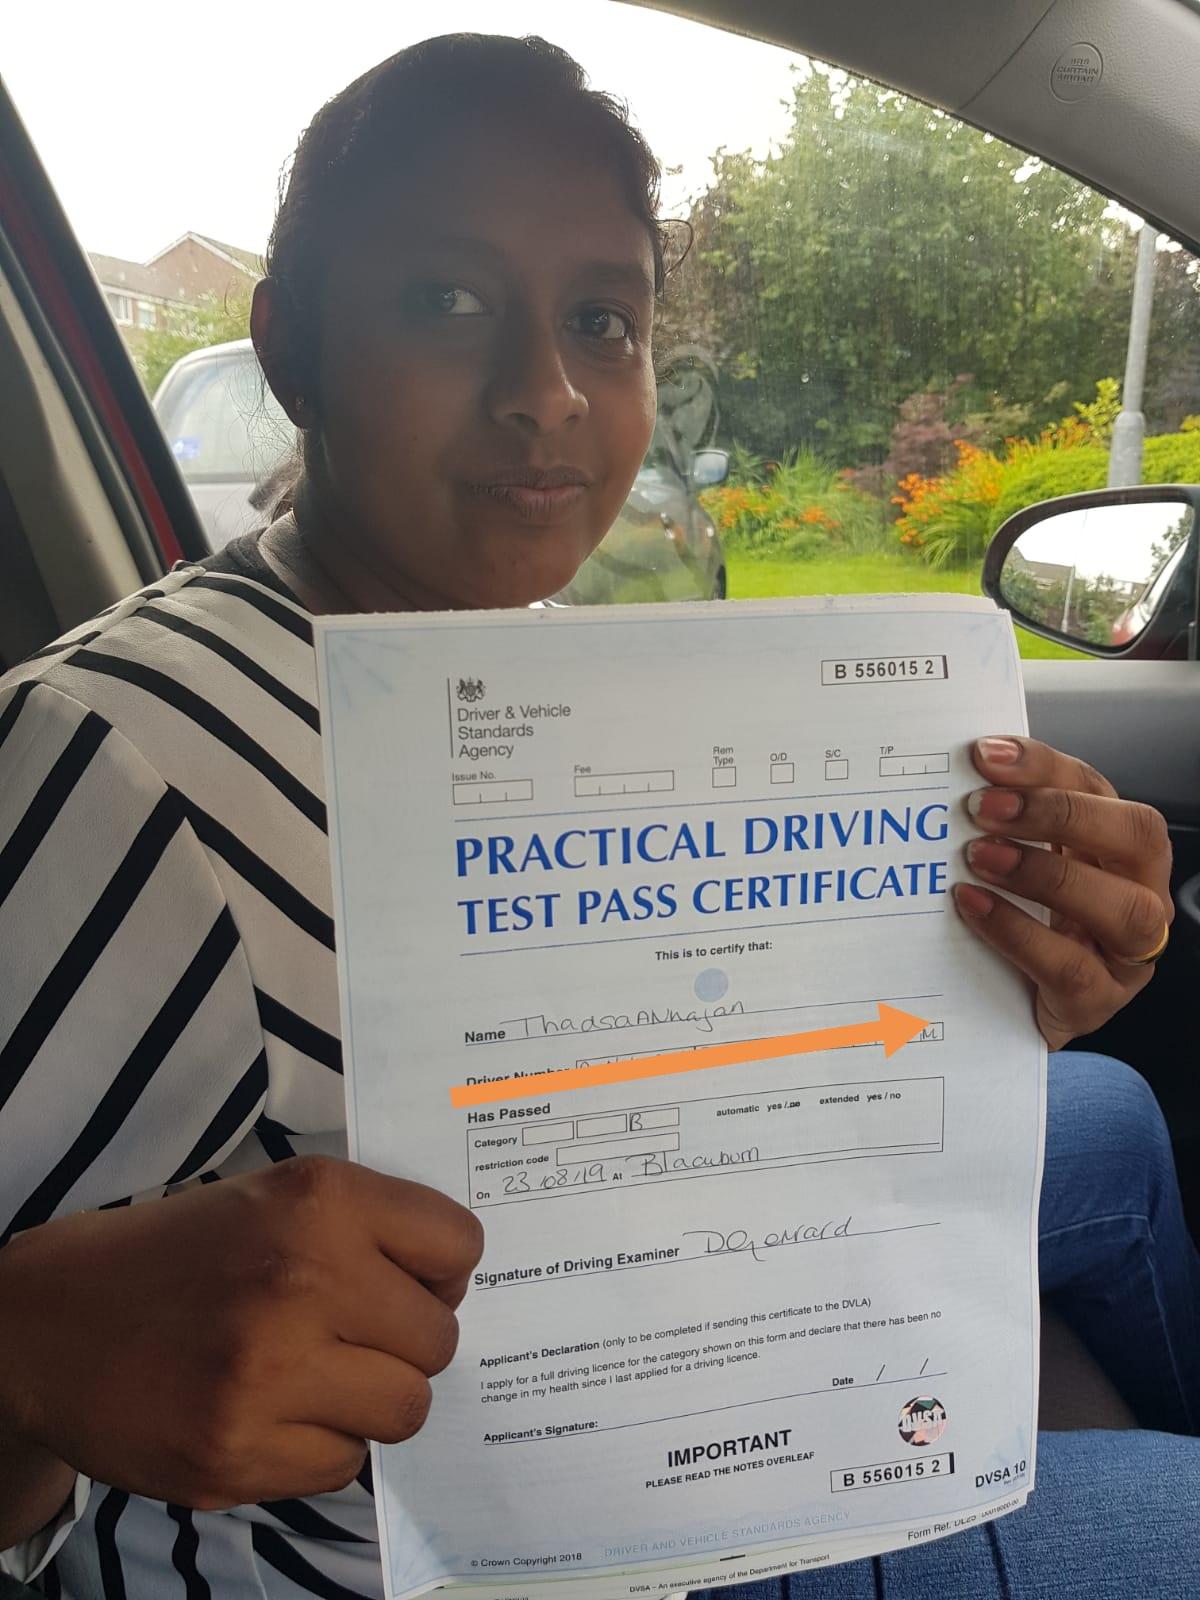 Pass Automatic driving test Blackburn , Darwen Driving Lessons Blackburn Driving instructor Blackburn Manual Driving Instructor Blackburn Accrington Pass plus Motorway lessons Crash Course Lea